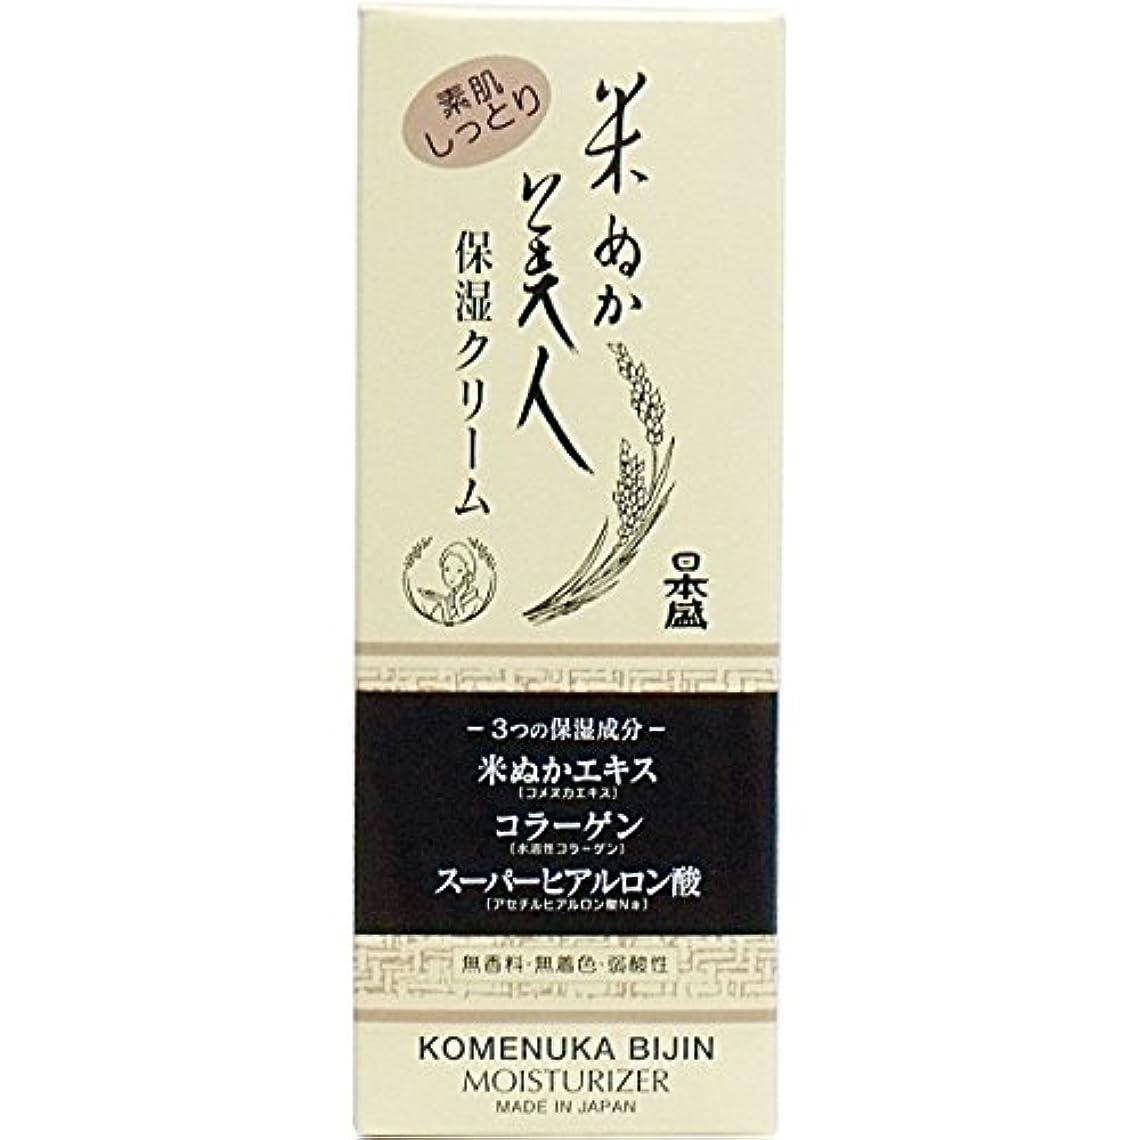 リスナー抹消ネット米ぬか美人 保湿クリーム ×2セット